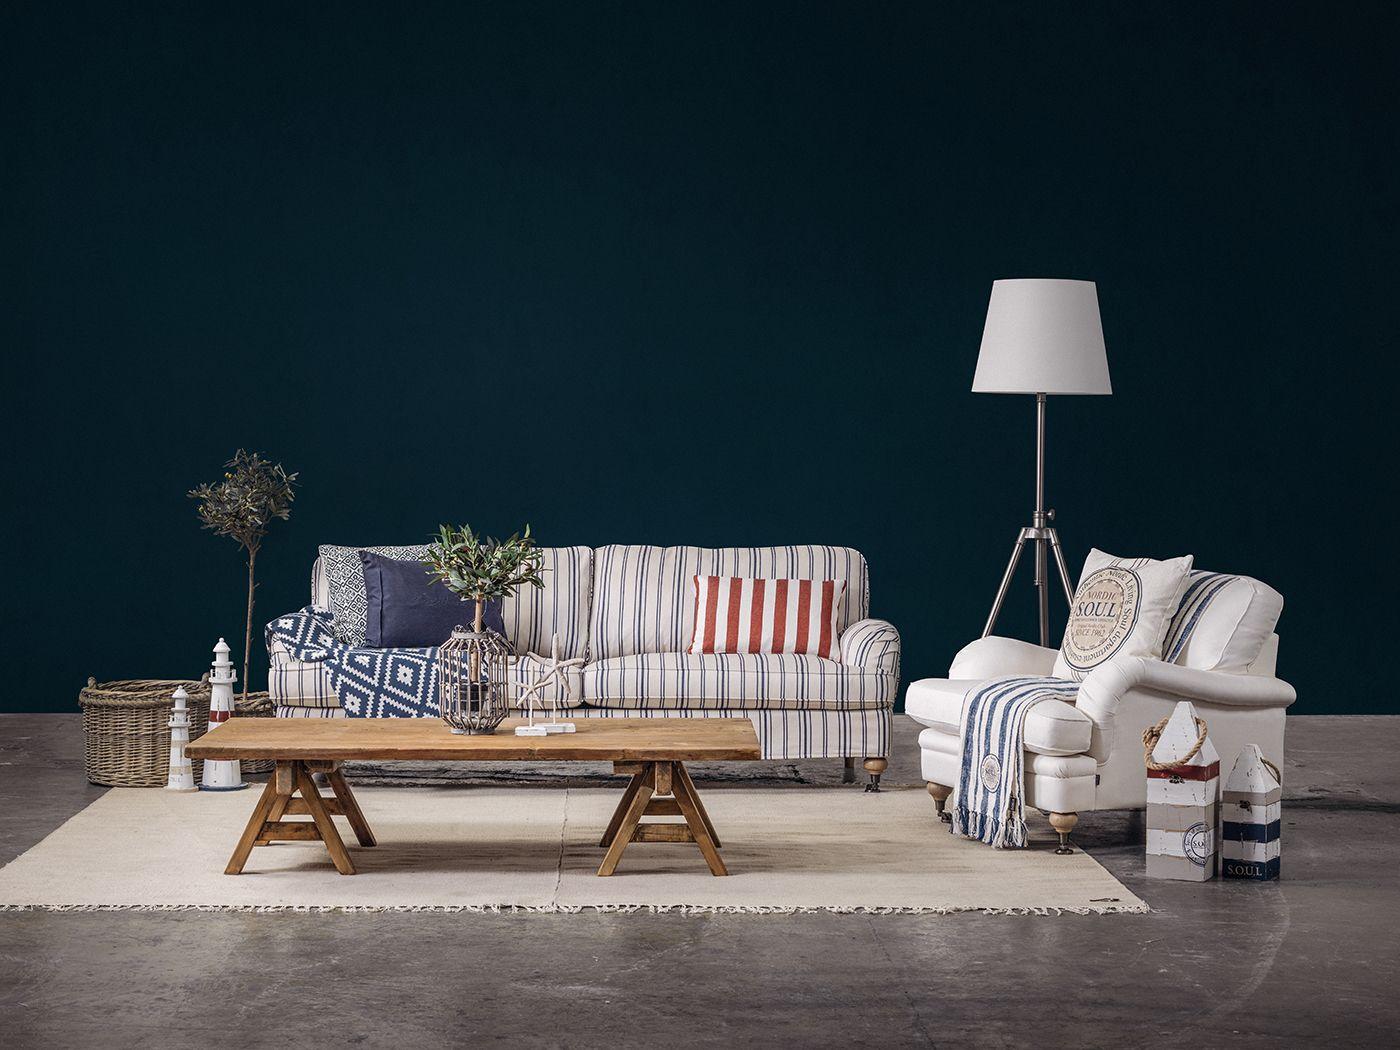 Store | S.O.U.L - Skandinaviska naturmaterial med detaljfokus. Edmont är en fantastiskt bekväm och vacker soffa från S.O.U.L. Denna soffa finns att få i 5 olika varianter t.ex. 3-sits, 2,5-sits eller som 3-sits och svängd. Förutom alla varianter på soffans form har du även möjlighet att välja mellan tyg eller läder i olika färger för att den ska passa in i just ditt hem. Kanske önskar du pianohjul som soffben istället för vanliga?